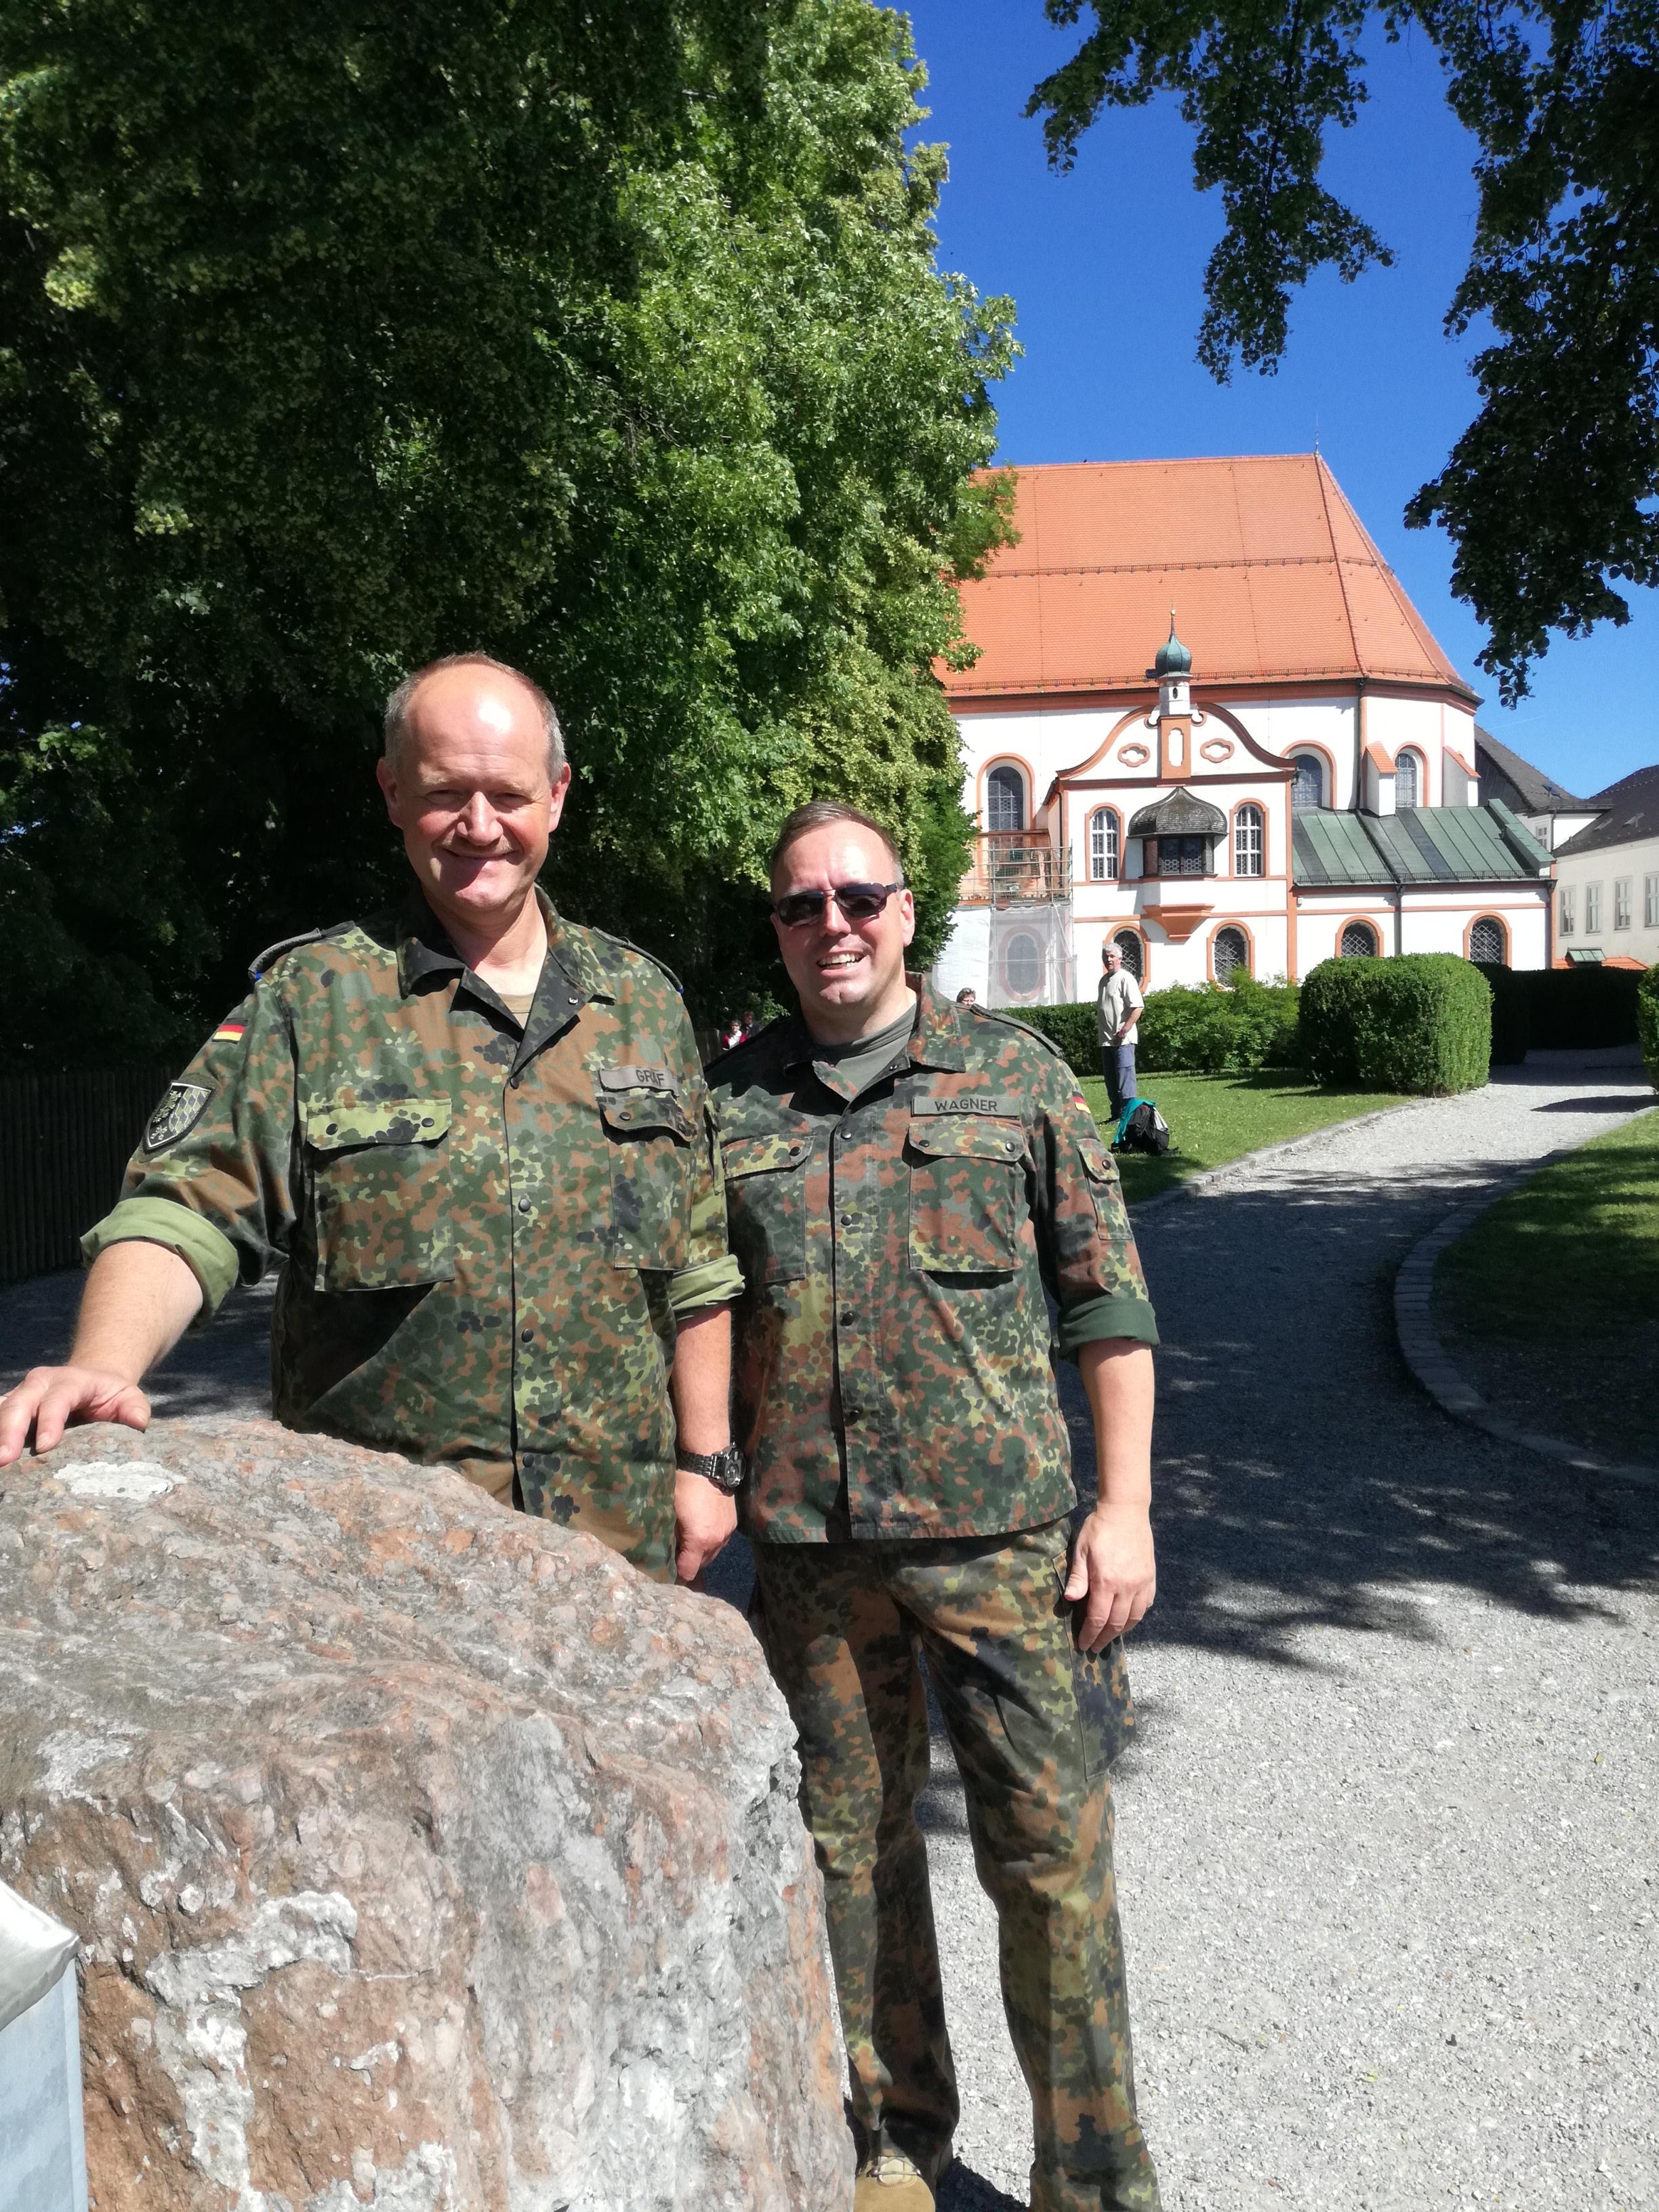 OTL Gräf und der LMD Wagner im Gespräch